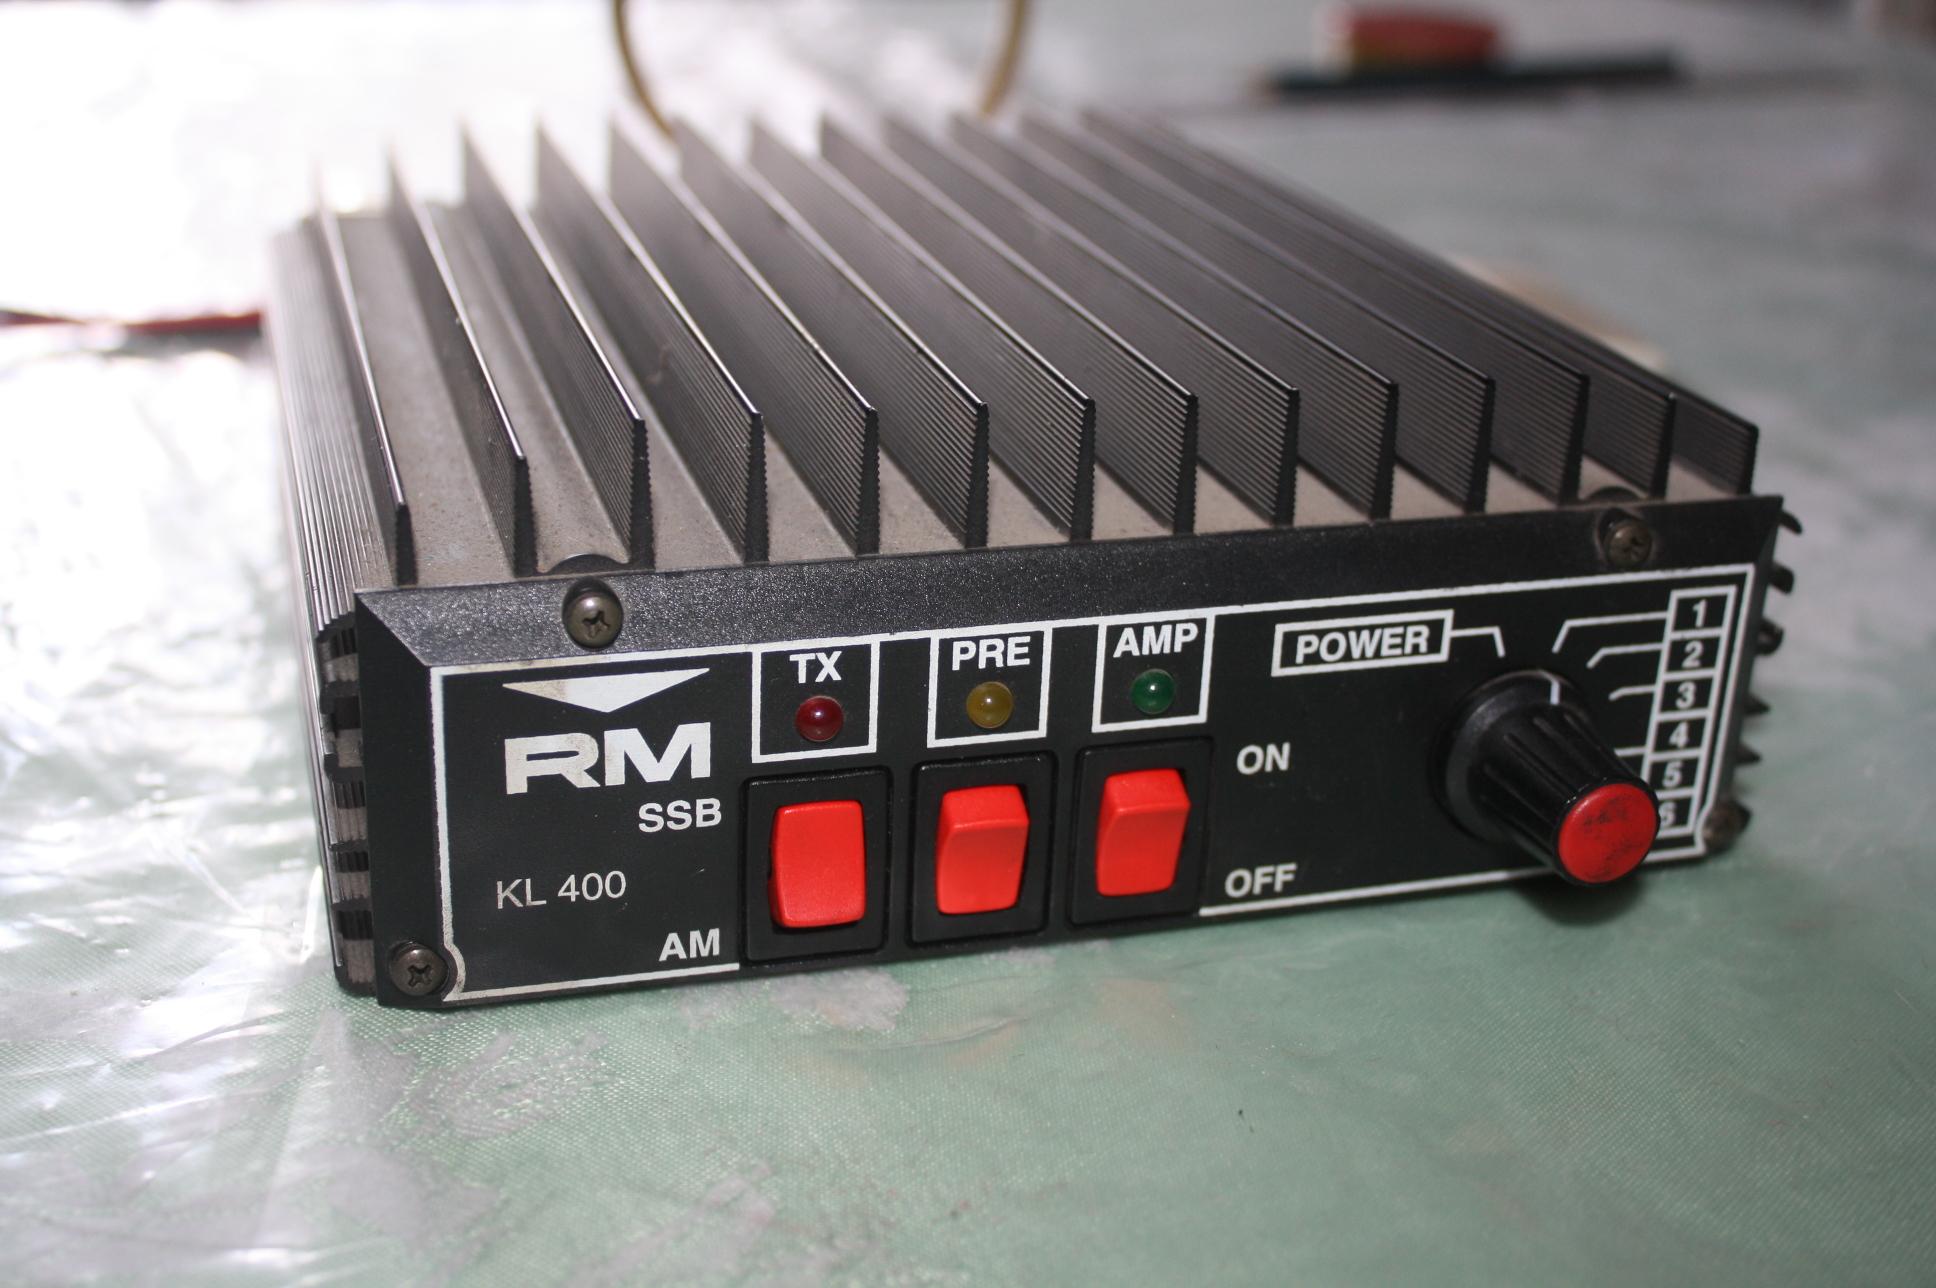 [Sprzedam] Dopa� Wzmacniacz Cb Radio KL 400 AM SSB Przedwzmacniacz Okazja